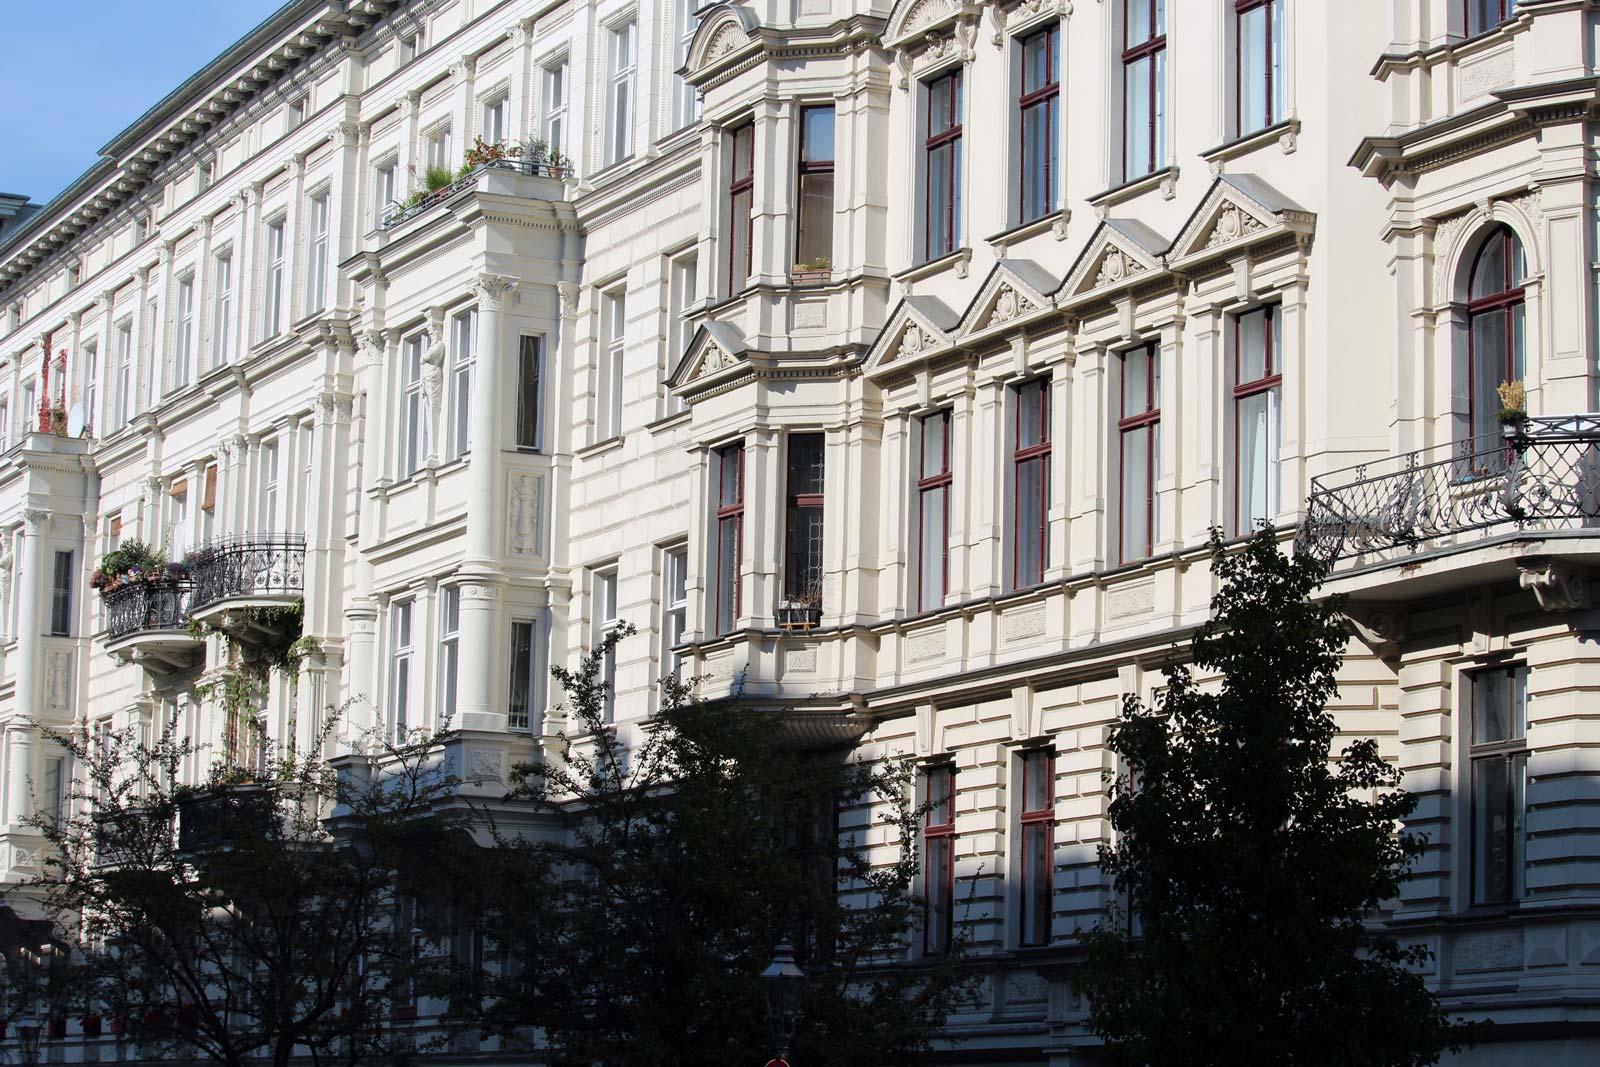 In der Nähe von Bergmannkiez, Viktoriapark, Mehringdamm, Großbeerenstraße, Yorckstraße, Gneisenaustraße, Bergmannstraße, Möckernstraße, Kreuzbergstraße, Katzbachstraße.